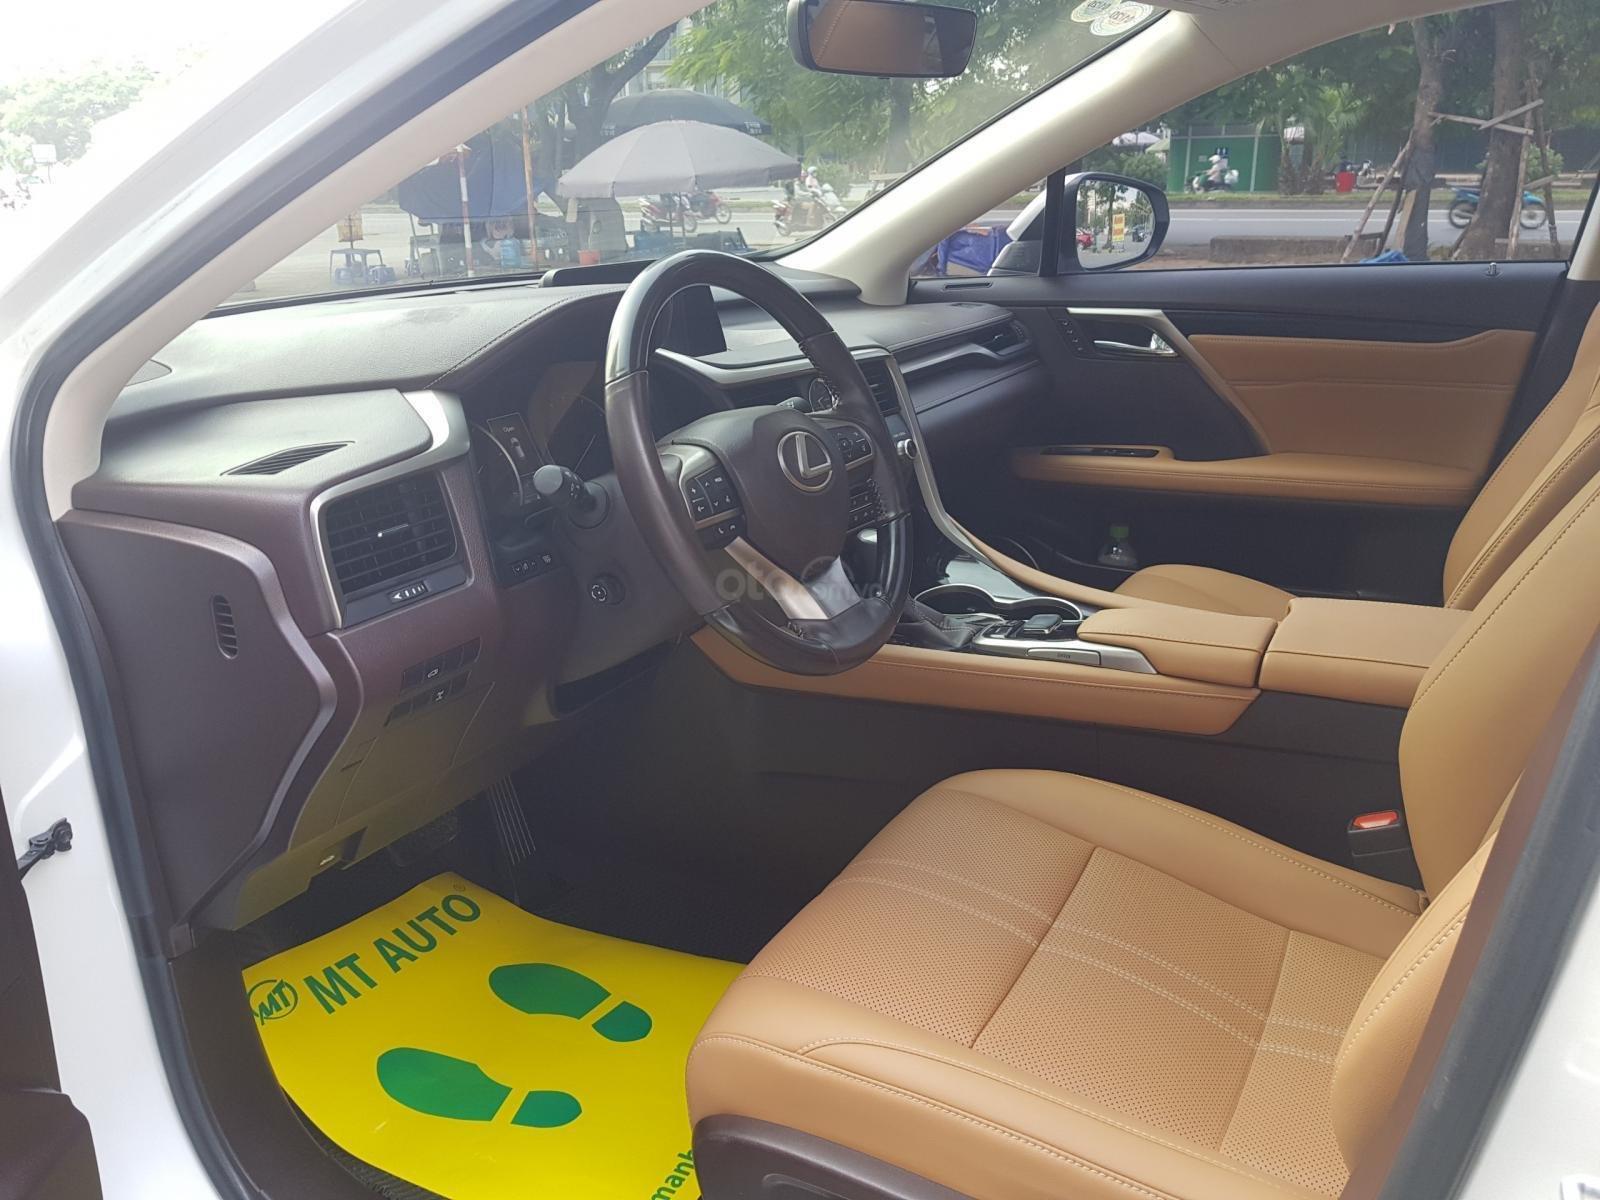 Bán Lexus RX 200T 2017 nhập chính hãng đã qua sử dụng, siêu lướt, LH Ms Ngọc Vy 093.996.2368 (16)